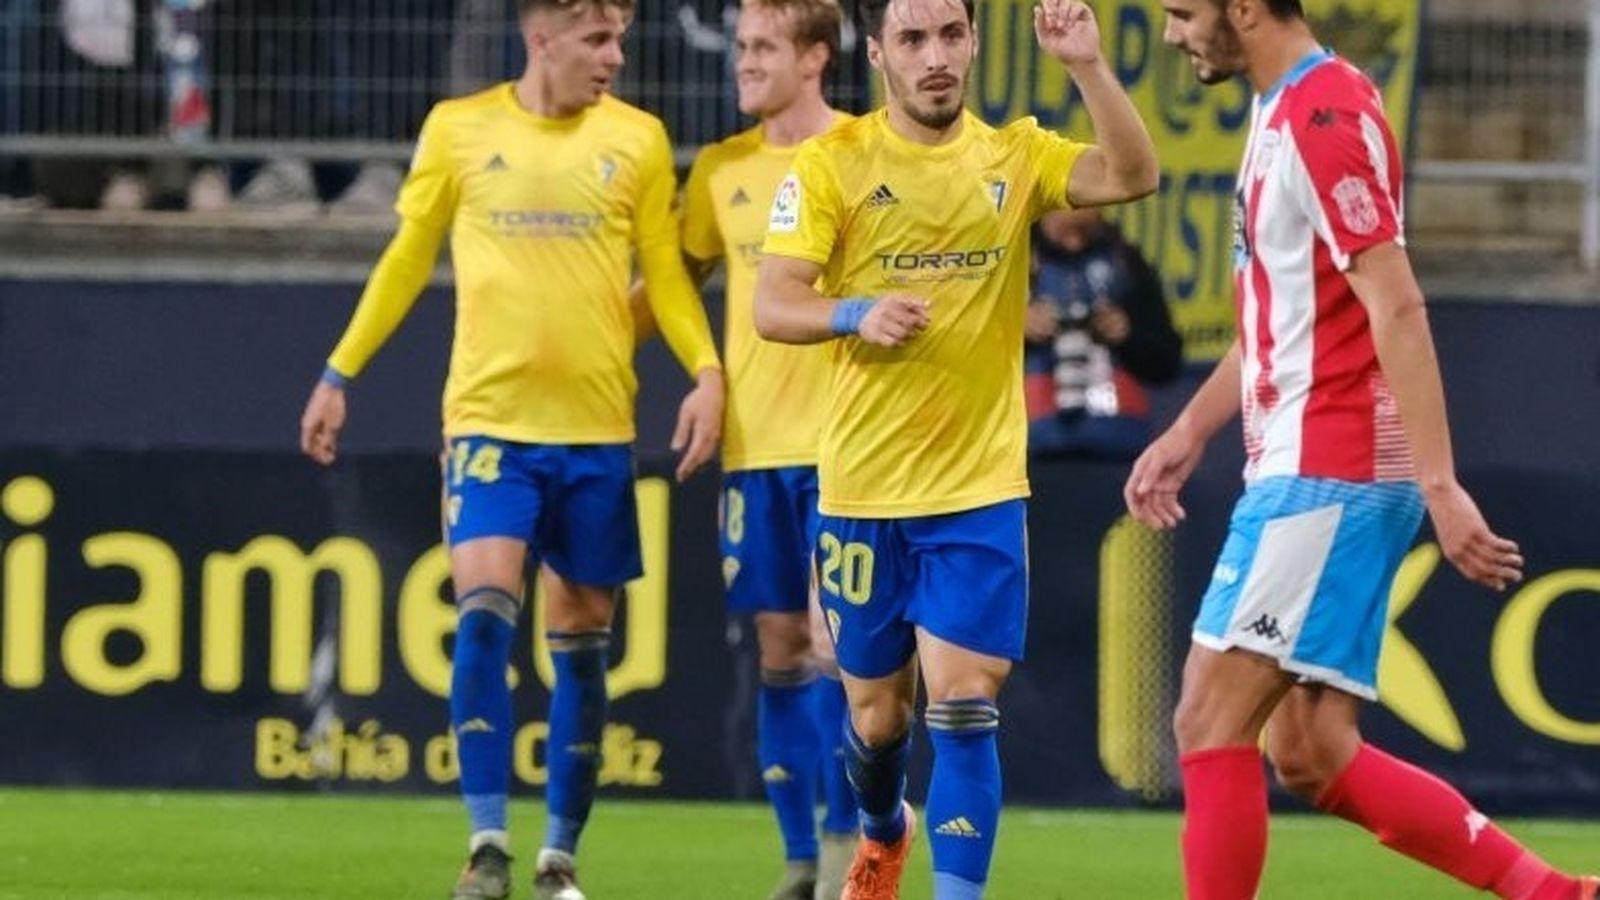 Foto: Jugadores del Cádiz celebran un gol. (Europa Press)